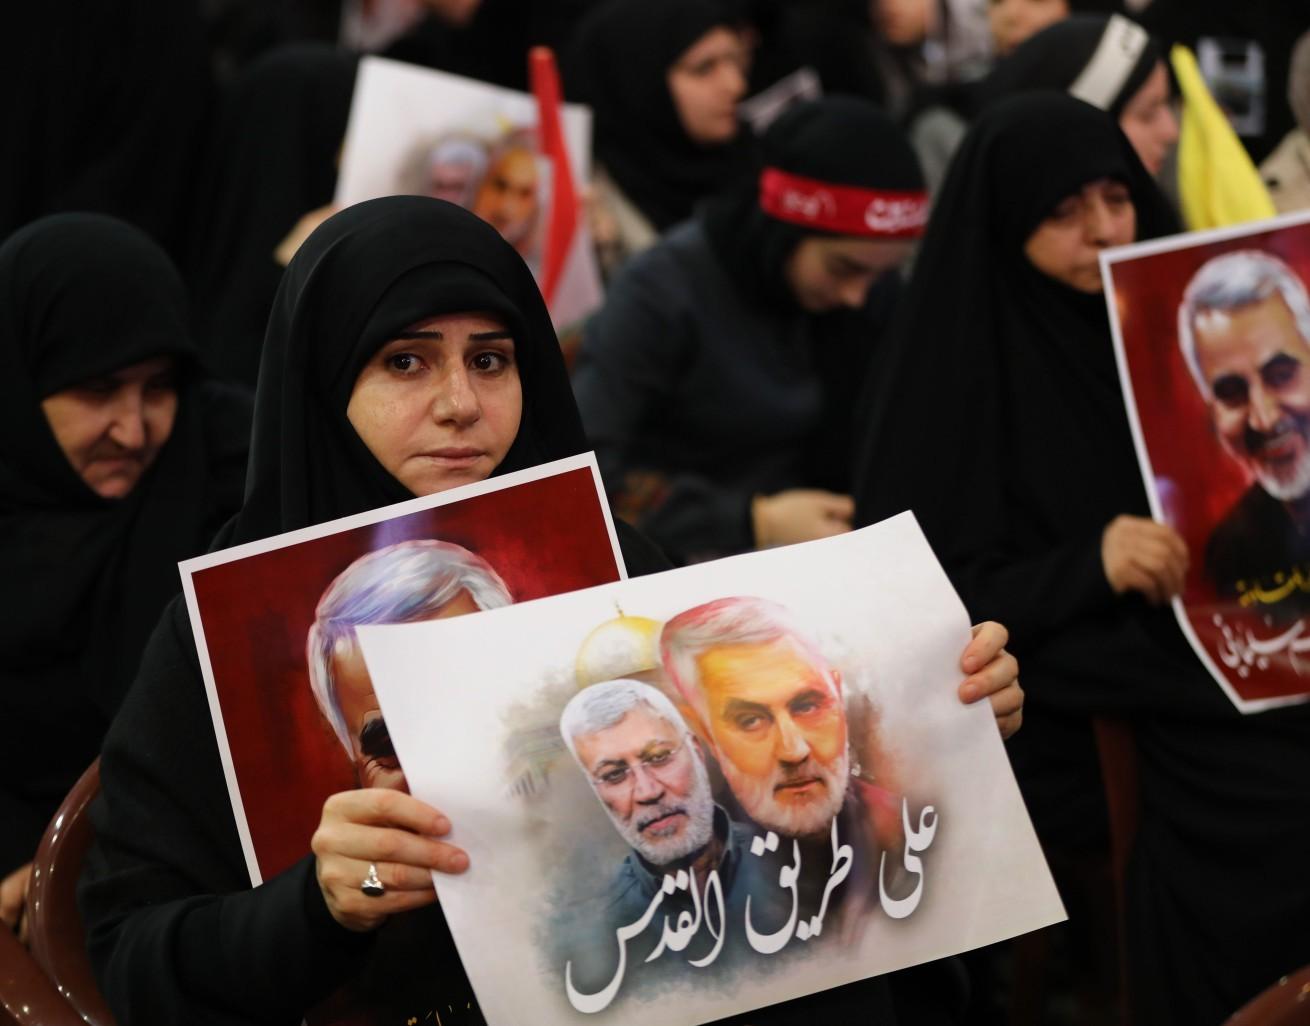 Manifestante carrega cartaz com fotos de Soleimani e comandante Abu Mahdi al-Muhandis